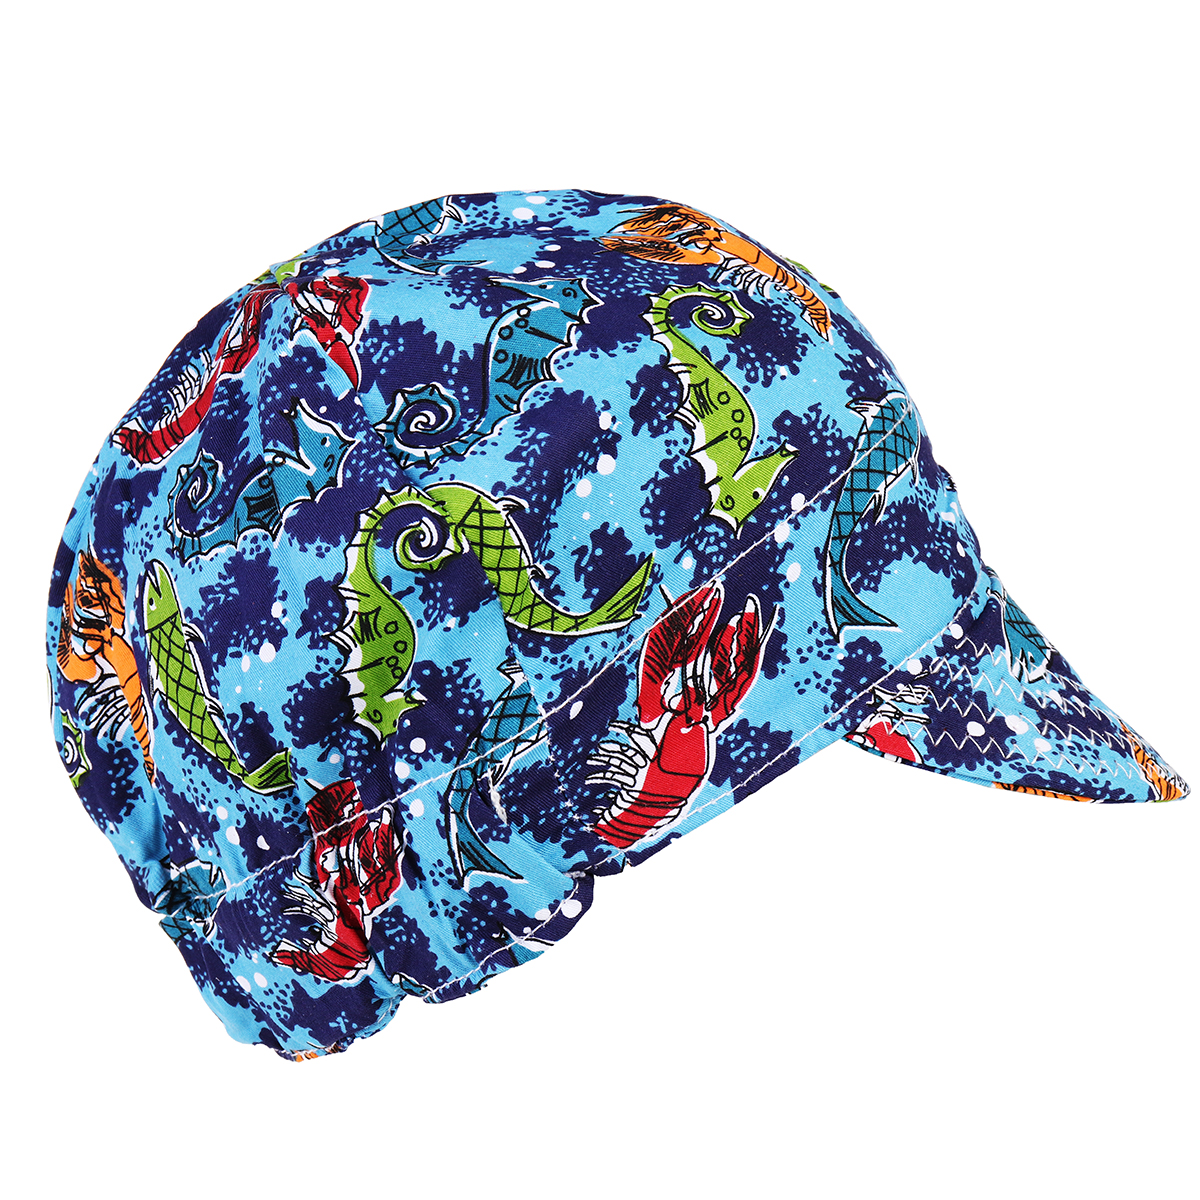 Хлопок поглощение пота сварочная Крышка шляпа применение к сварке защиты на рабочем месте безопасности поставки защитный сварочный шлем